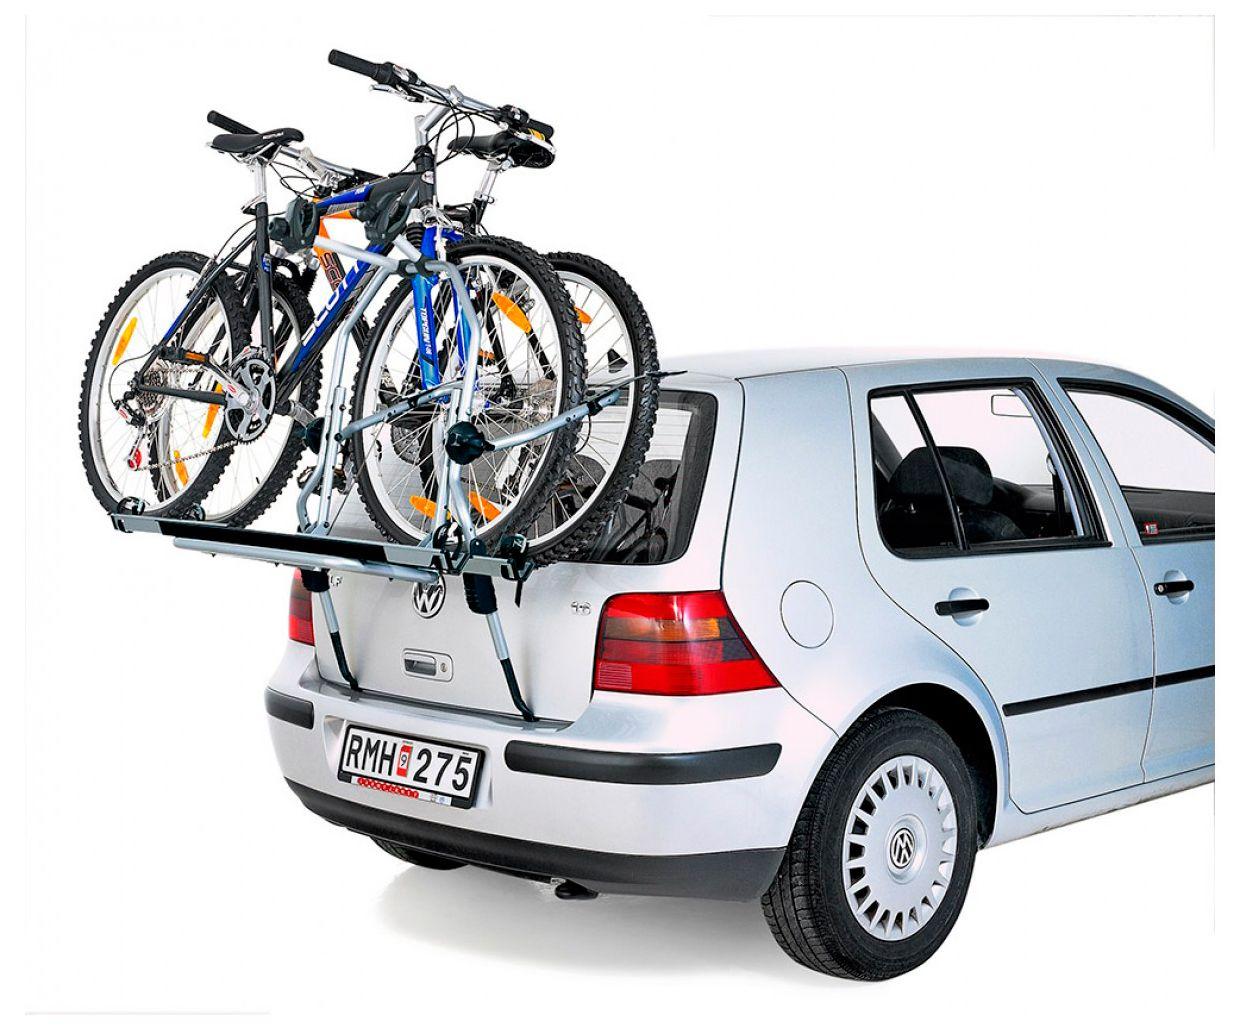 Велокрепления на крышу автомобиля, фаркоп, заднюю дверь. плюсы и минусы, марки, цены